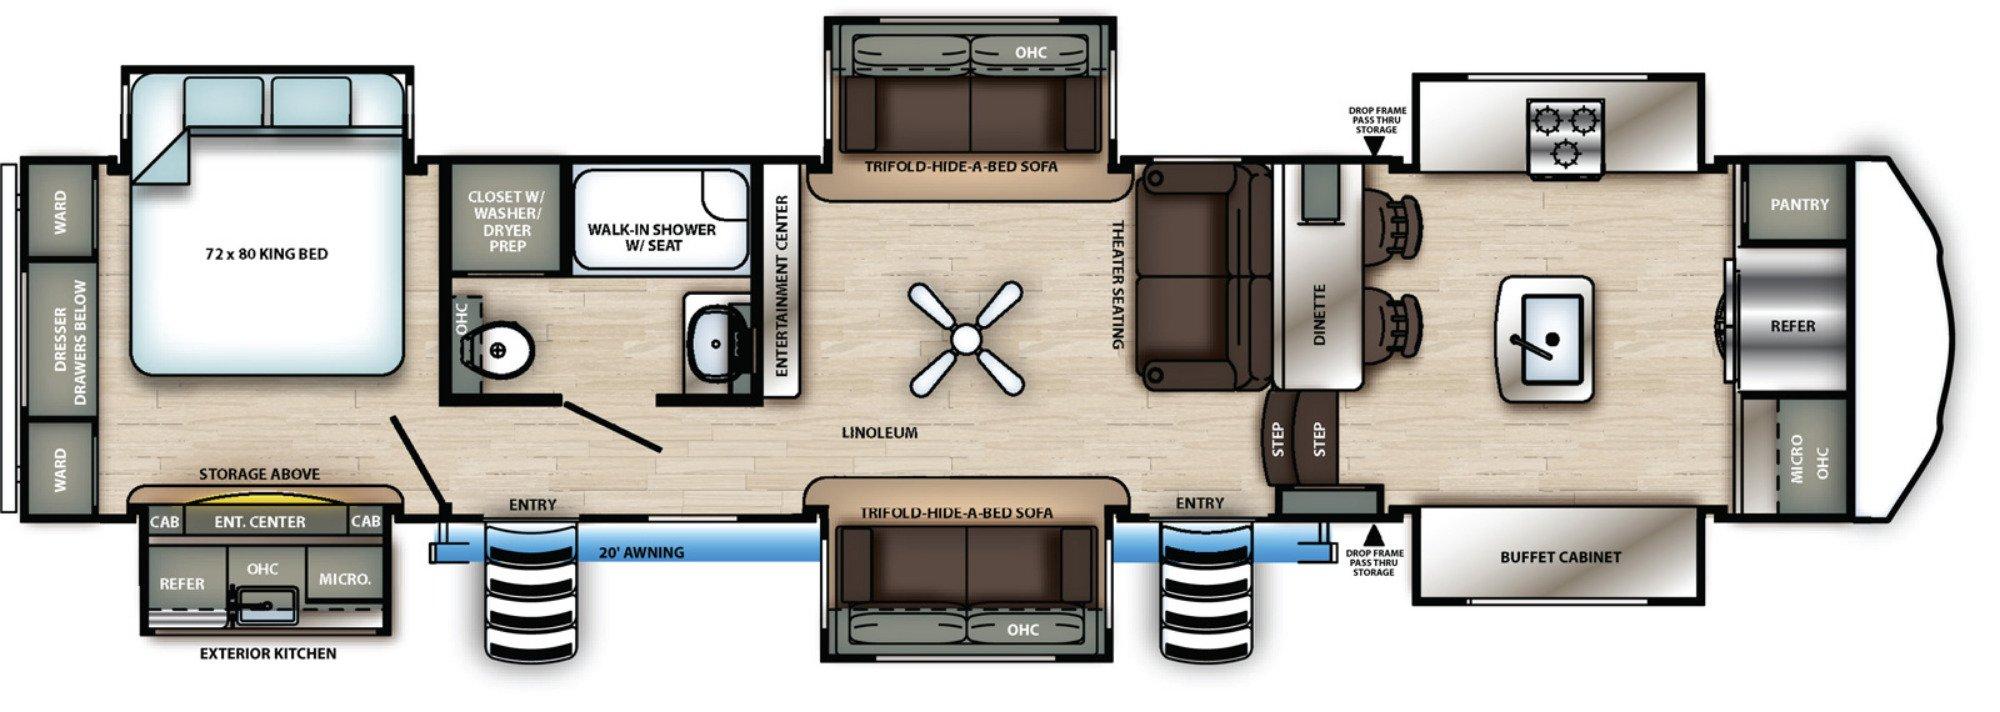 View Floor Plan for 2021 FOREST RIVER SIERRA 38FKOK